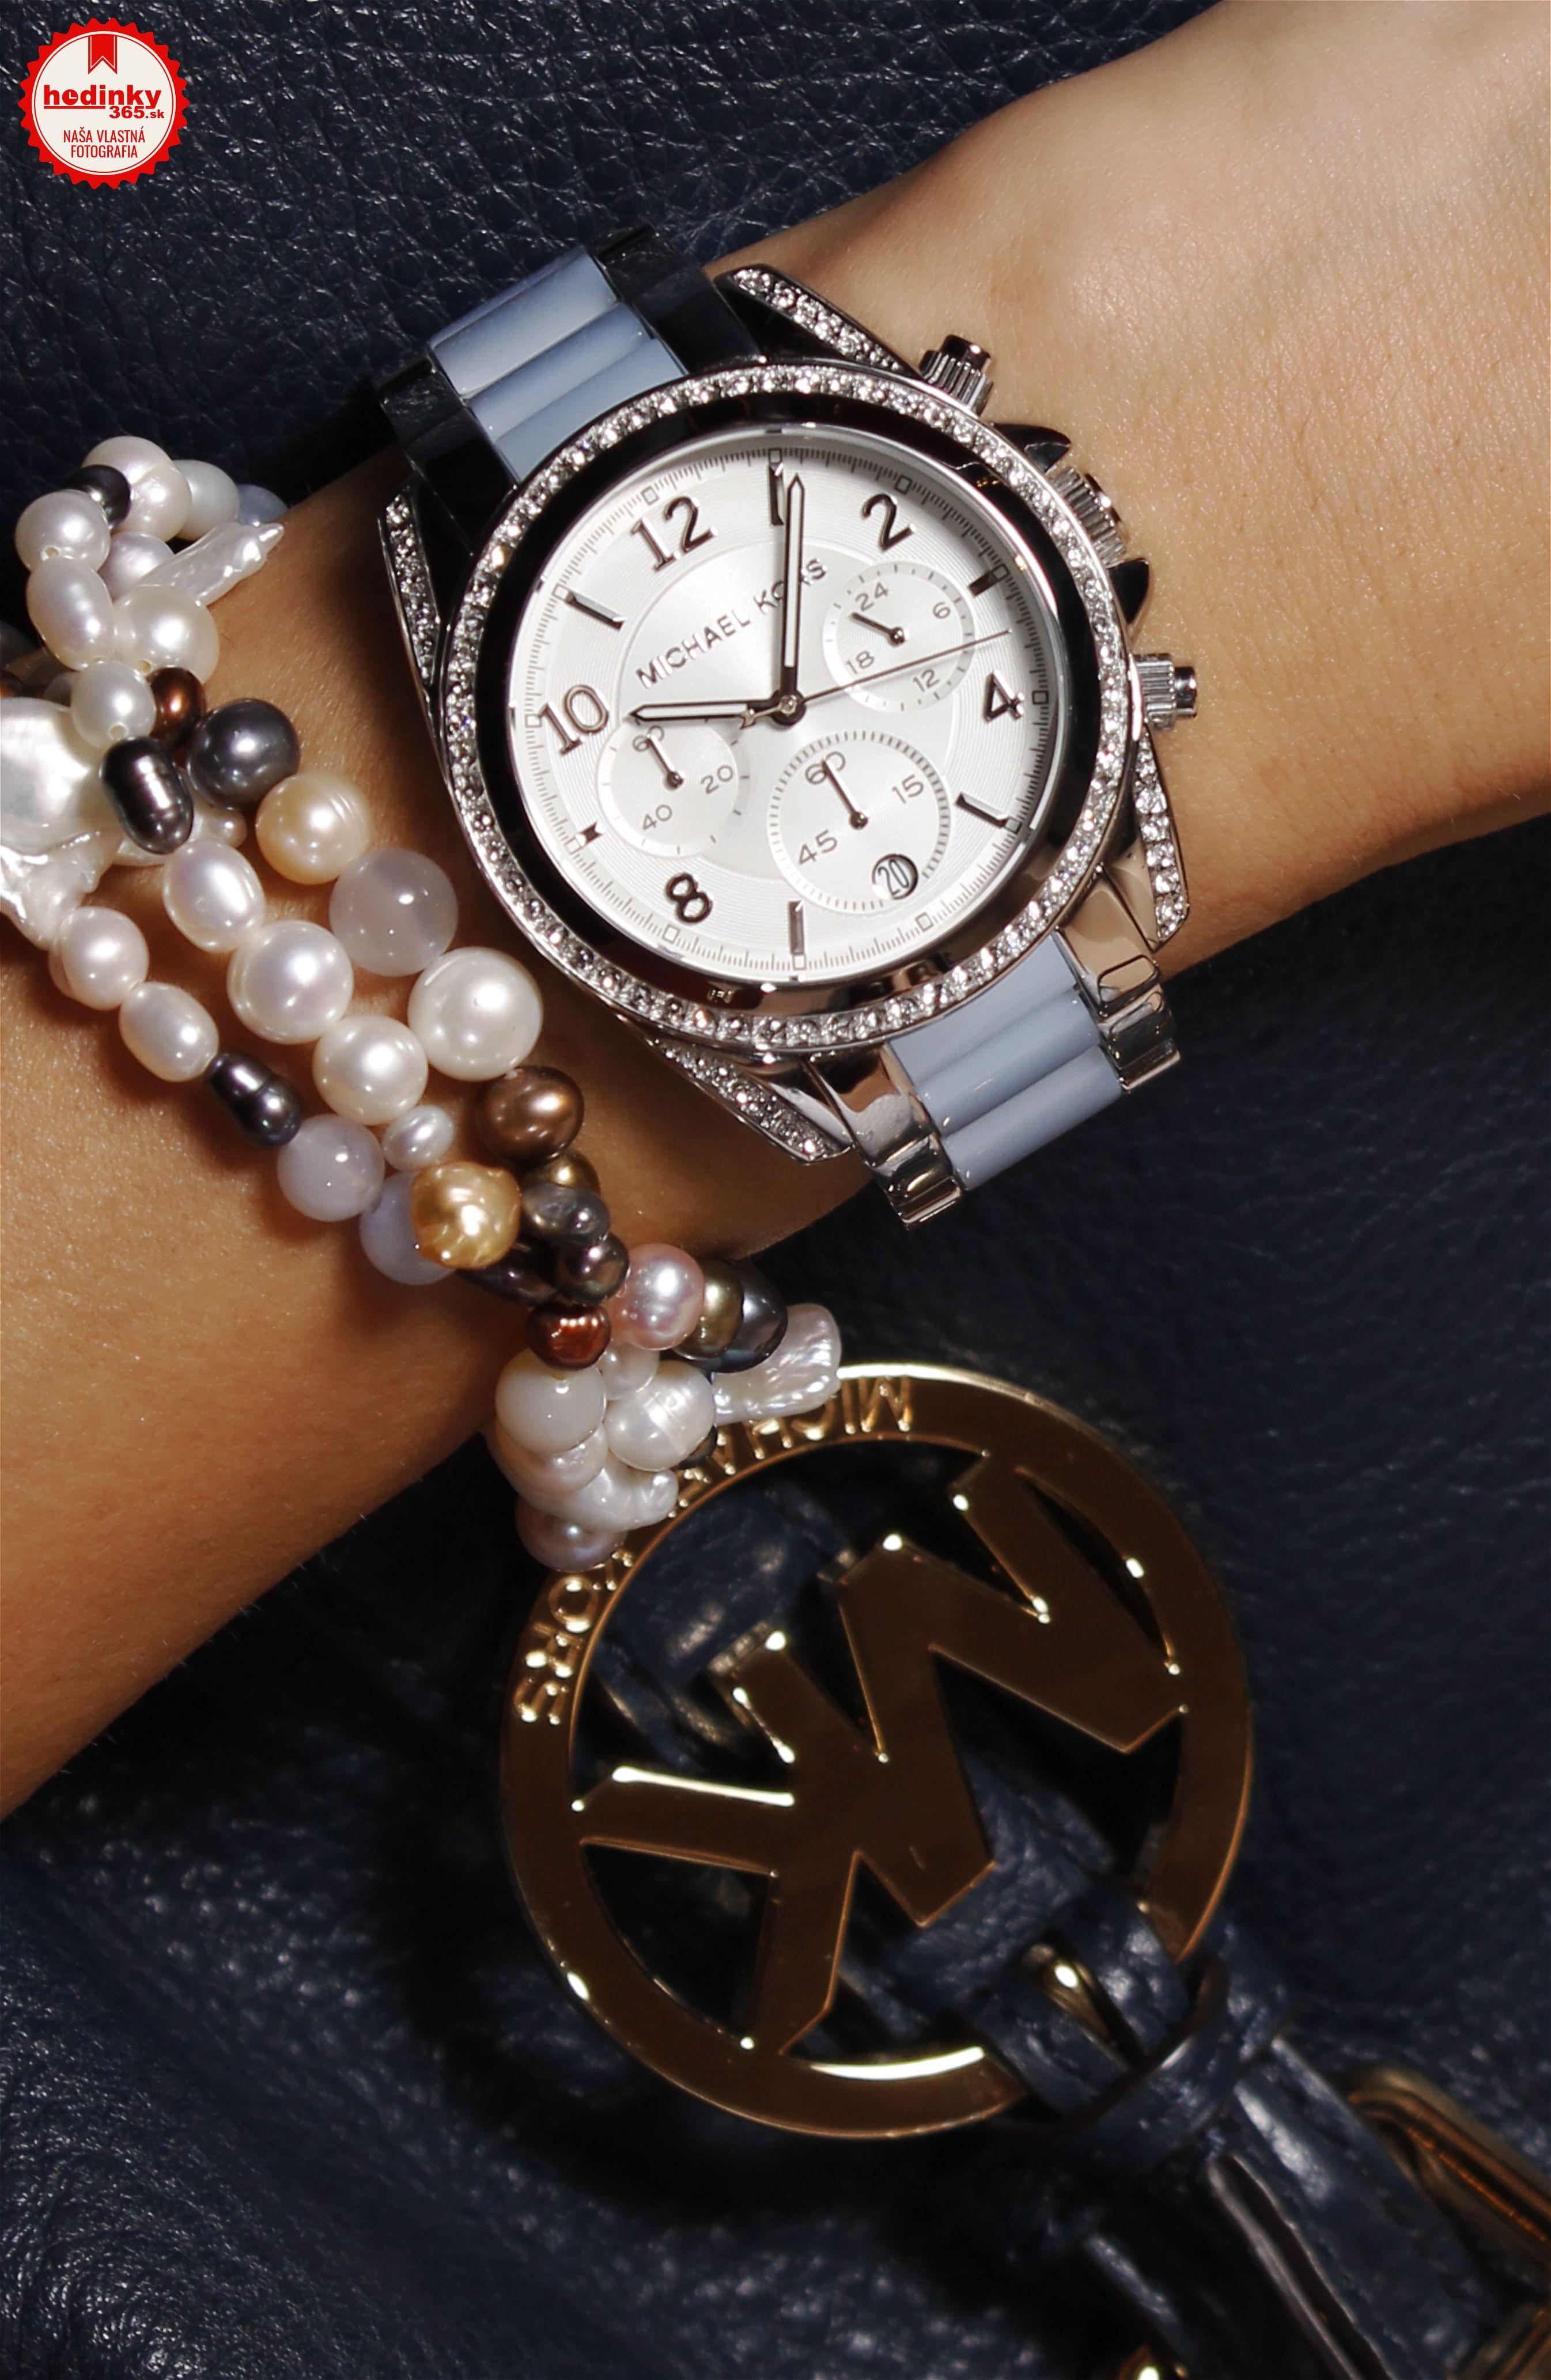 62b660e94 Michael Kors MK 6137. Dámske hodinky - ocelový remienok, ocel puzdro,  minerálne sklíčko. Všetky technické parametre nájdete nižšie